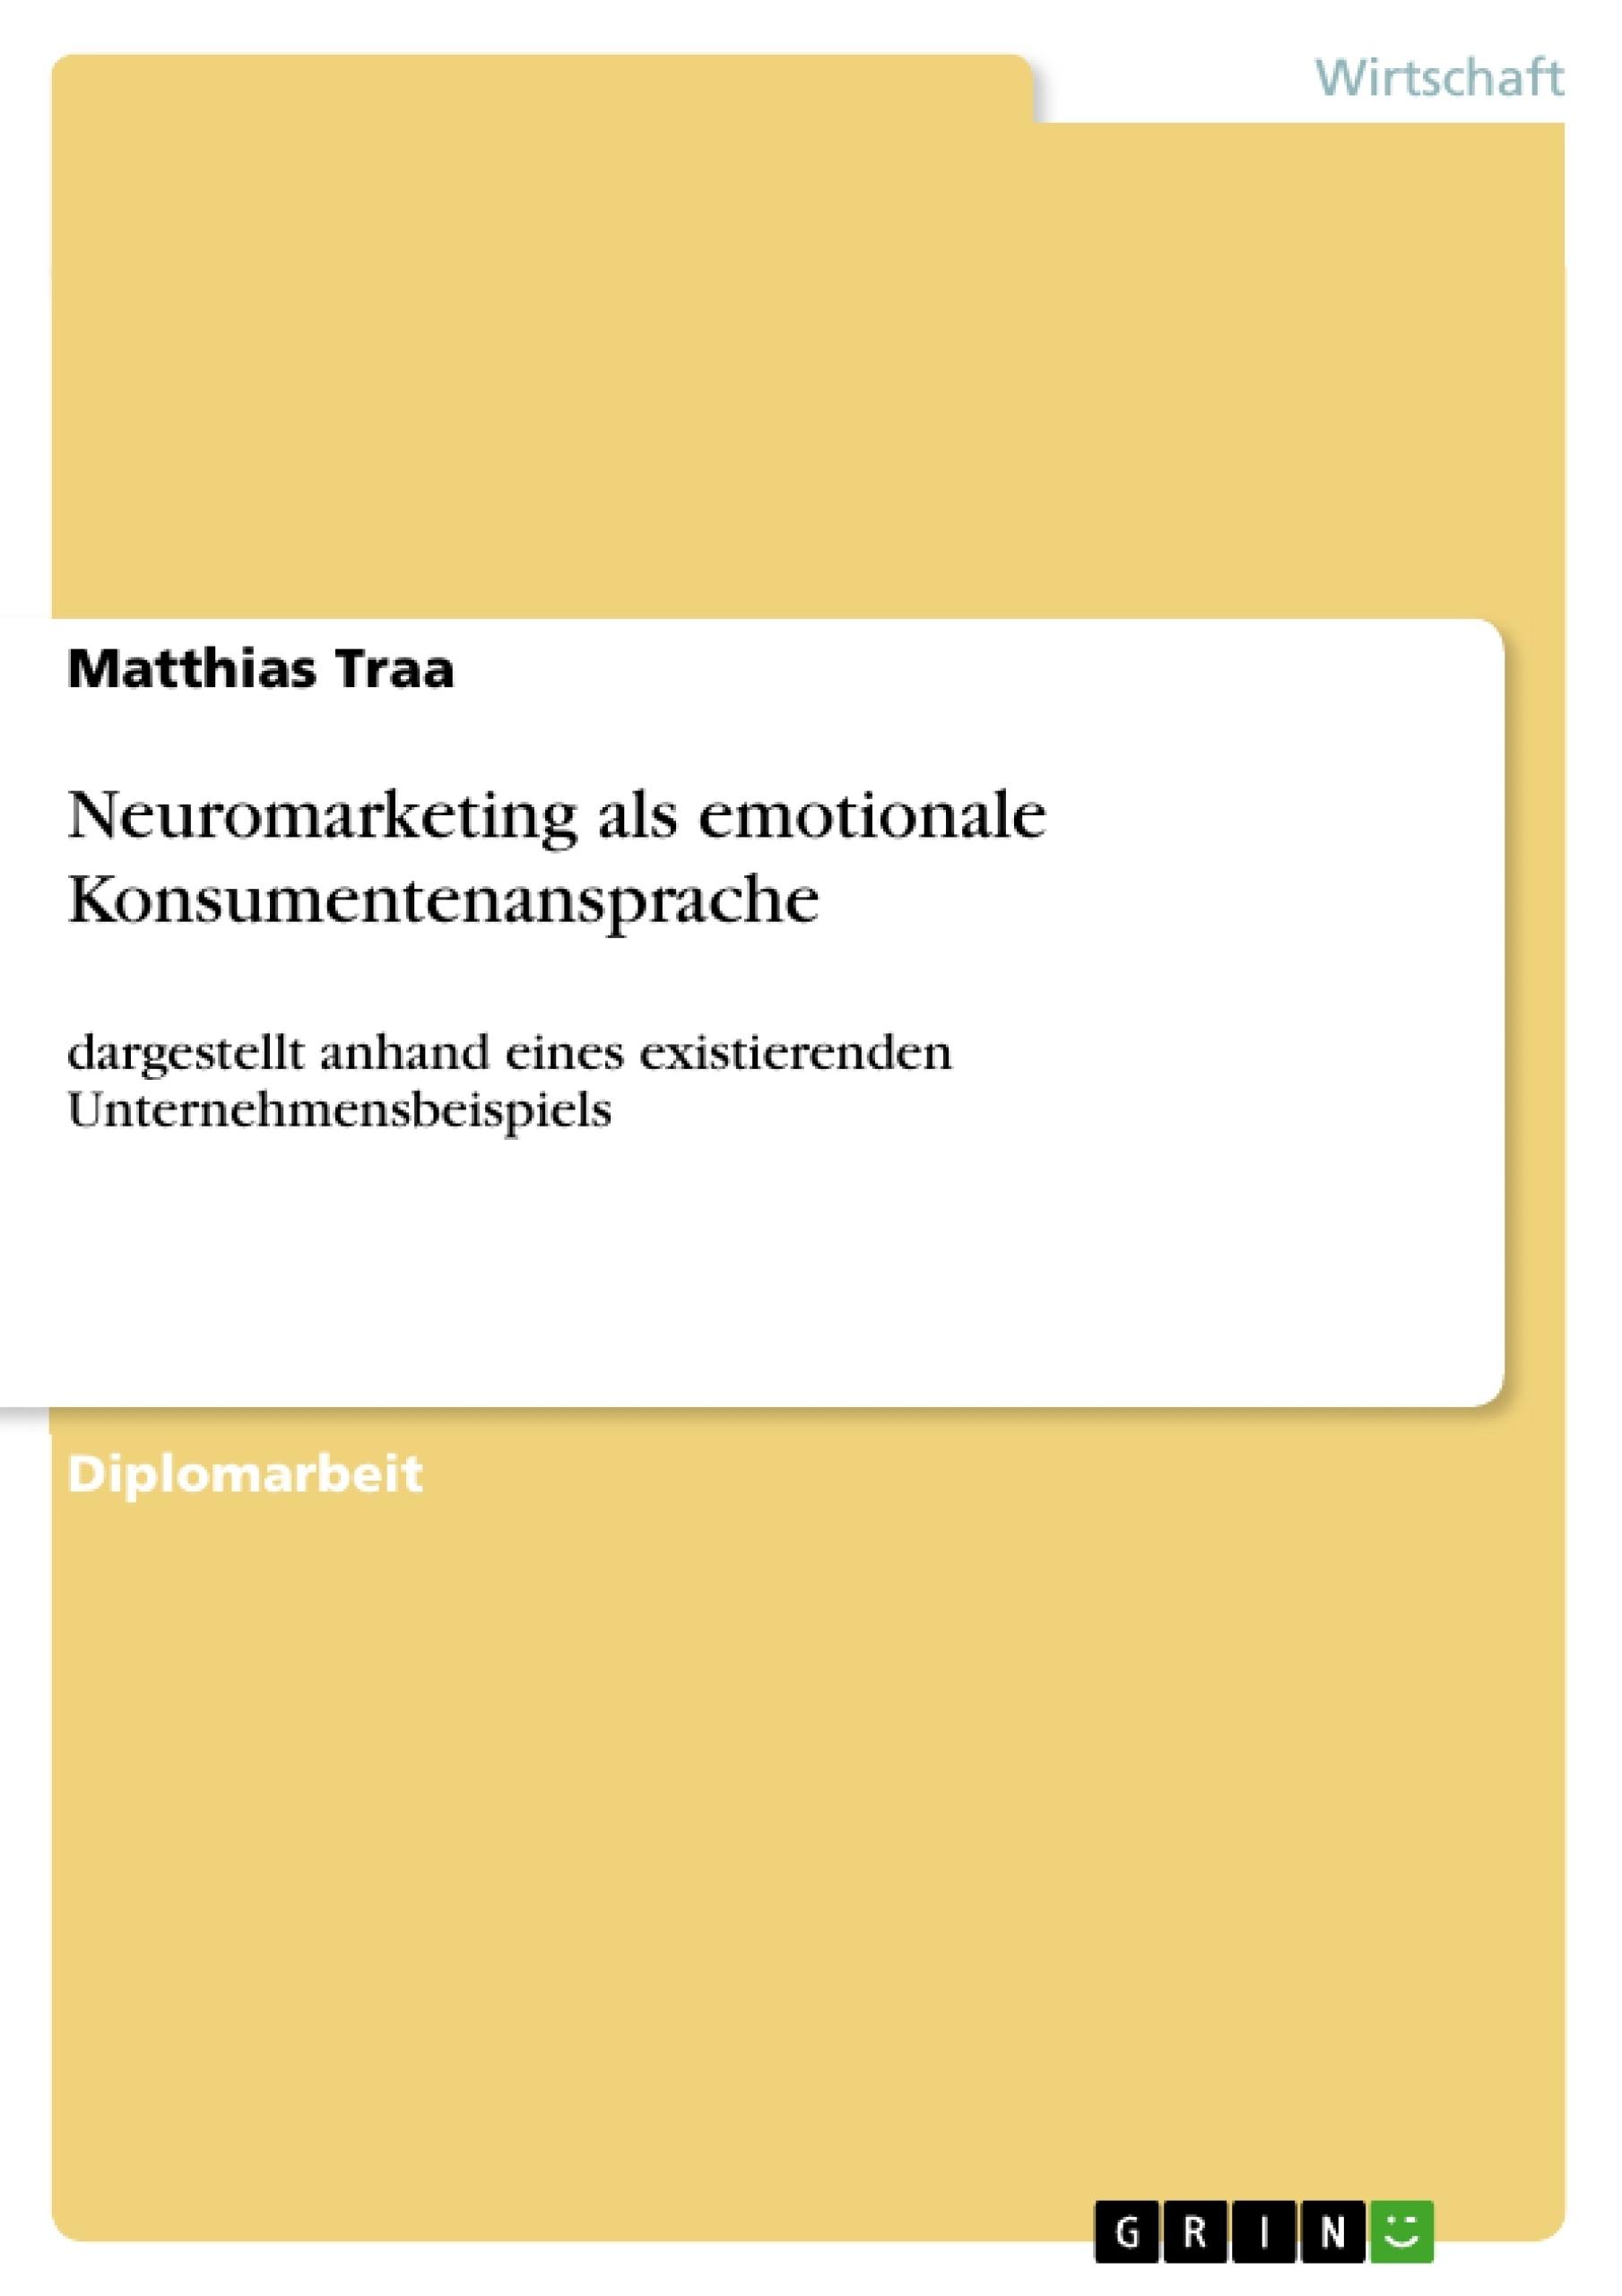 Neuromarketing als emotionale Konsumentenansprache | Diplomarbeiten24.de